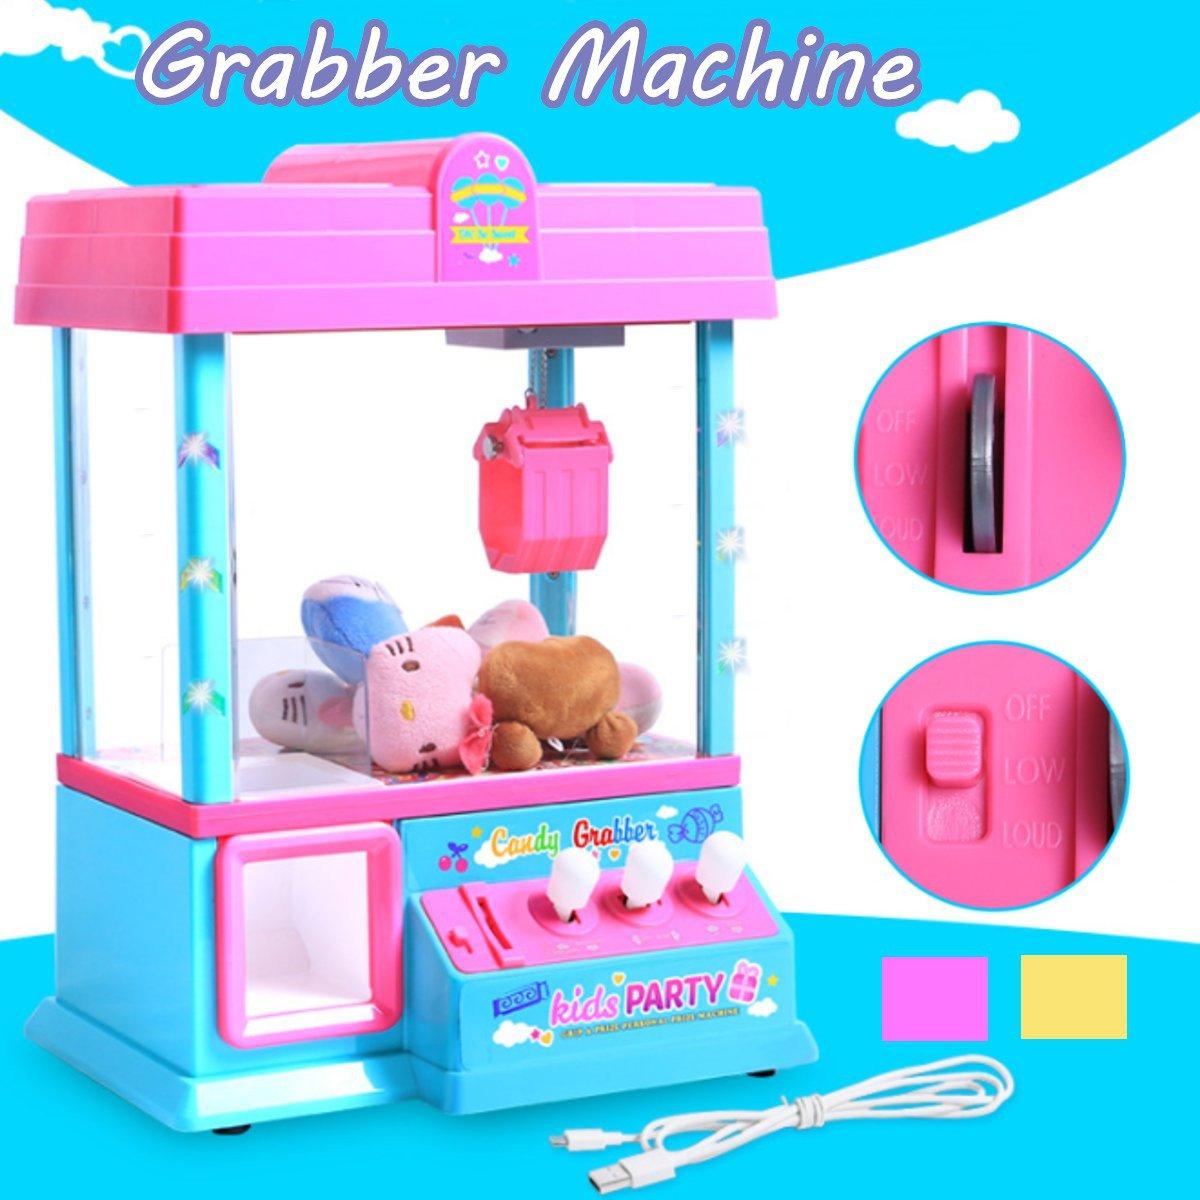 Monnayeur Jeux Grabber Poupée Machine Carnaval Style Distributeurs Arcade Griffe Bonbons Poupée Prix Jeu Enfant jouet Cadeau d'anniversaire